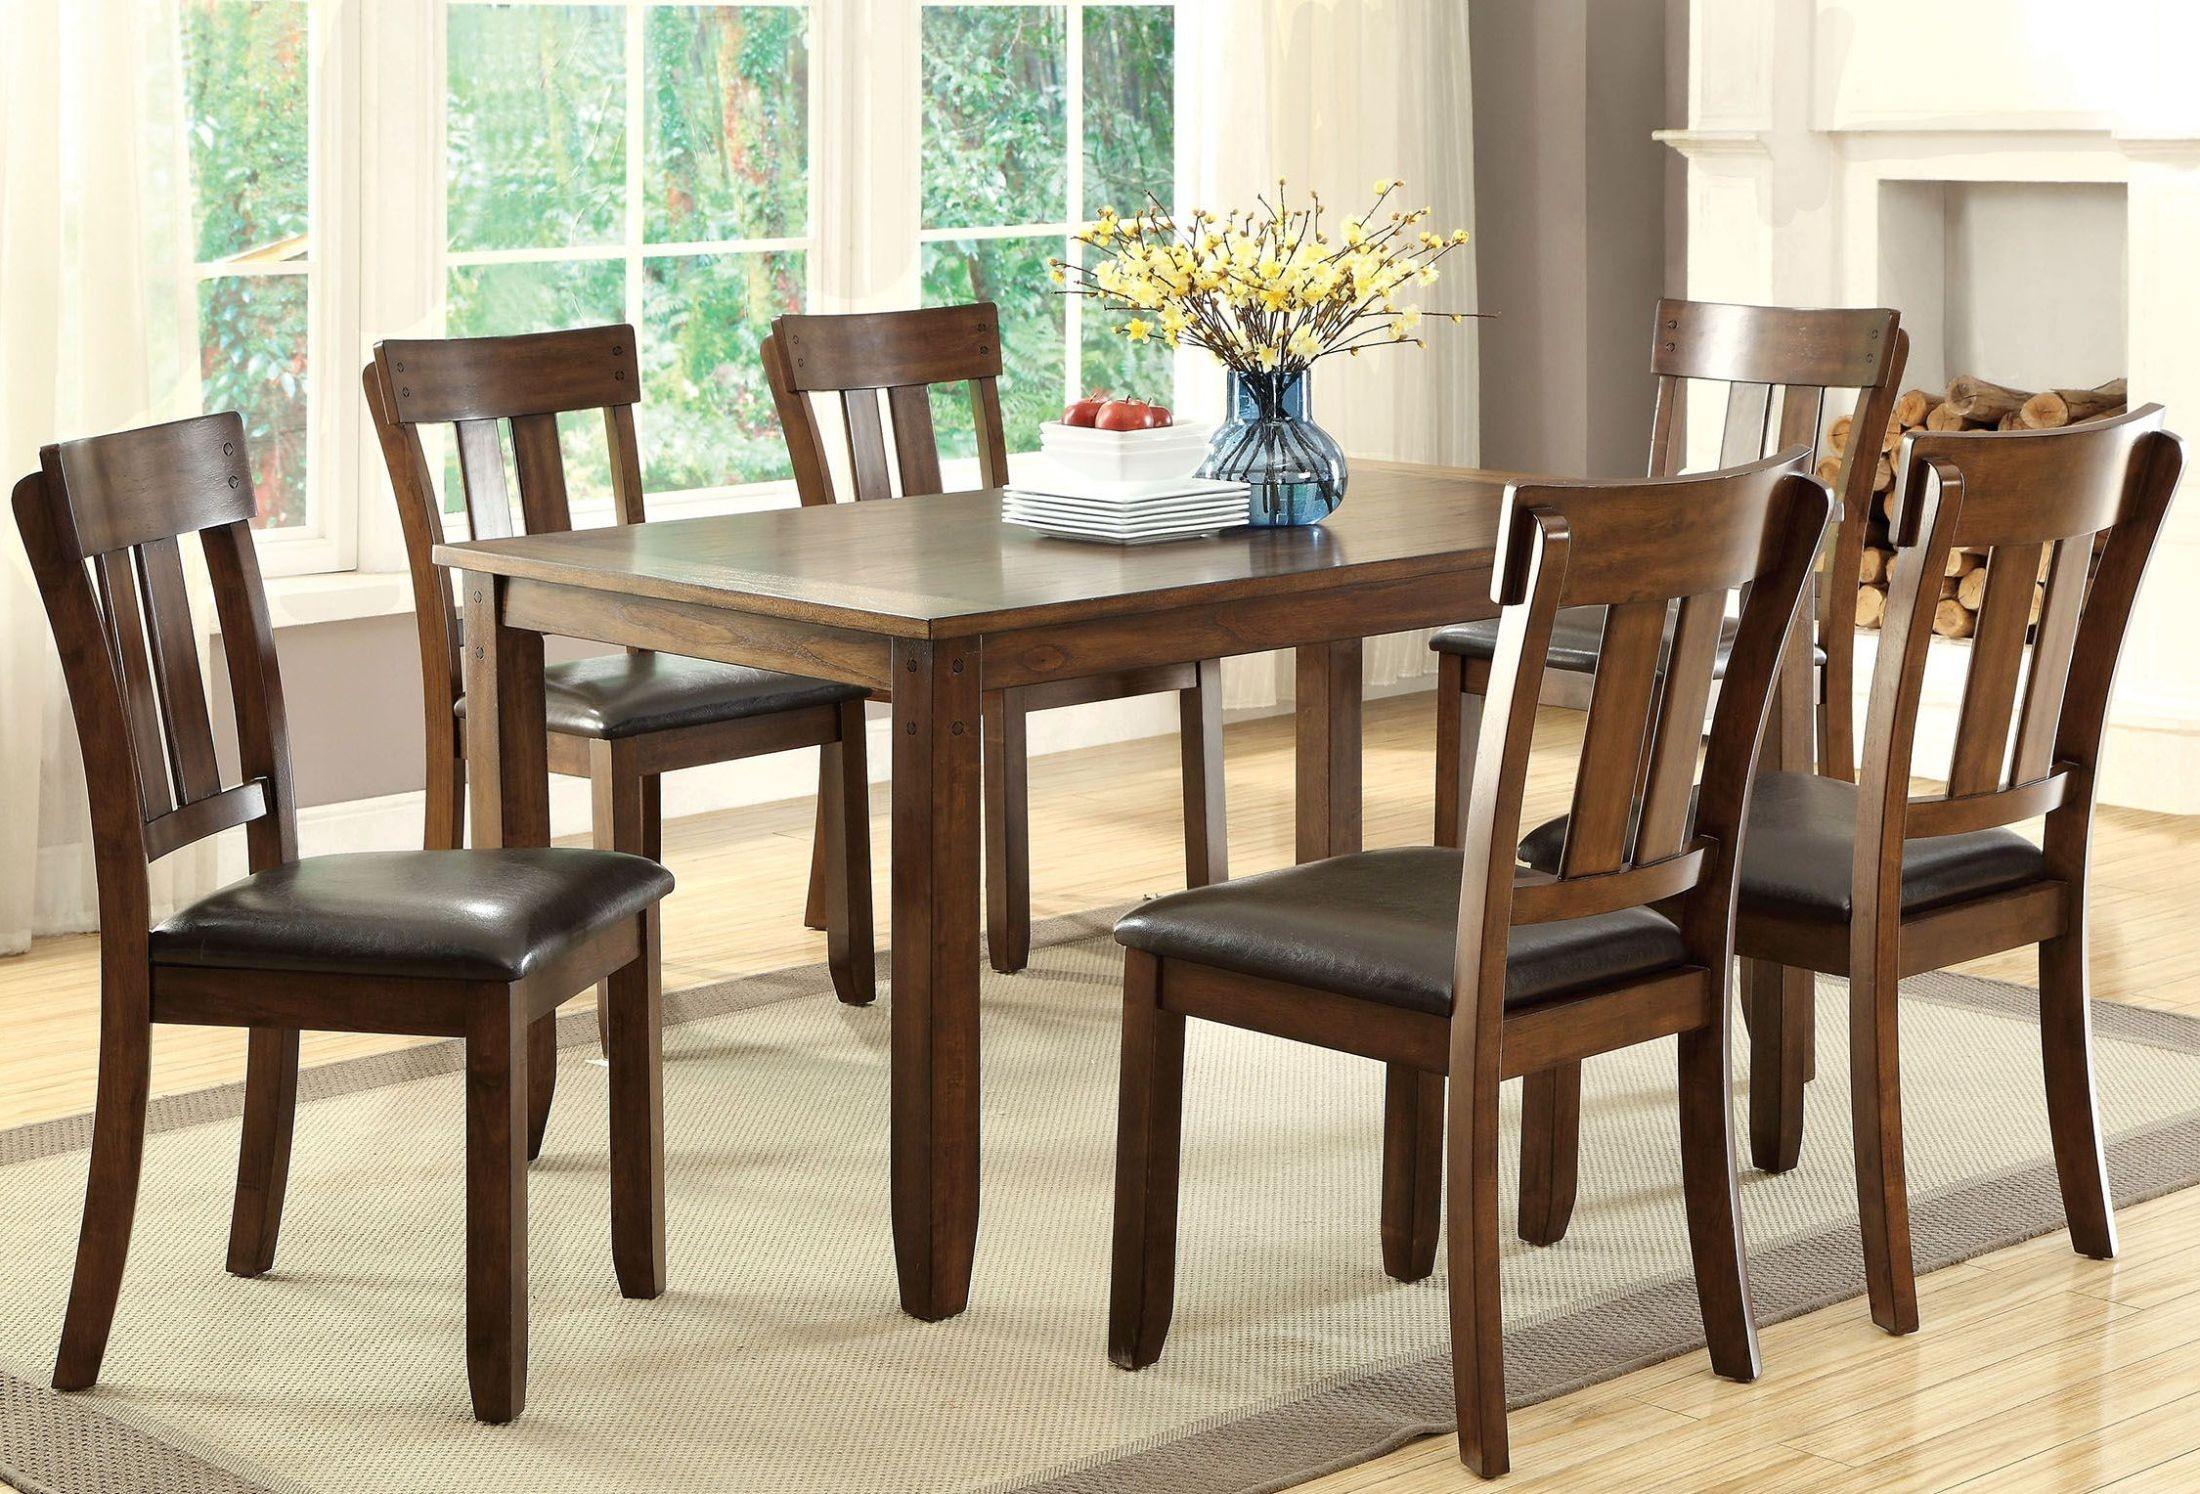 brockton i rustic oak rectangular dining room set from furniture of america coleman furniture. Black Bedroom Furniture Sets. Home Design Ideas